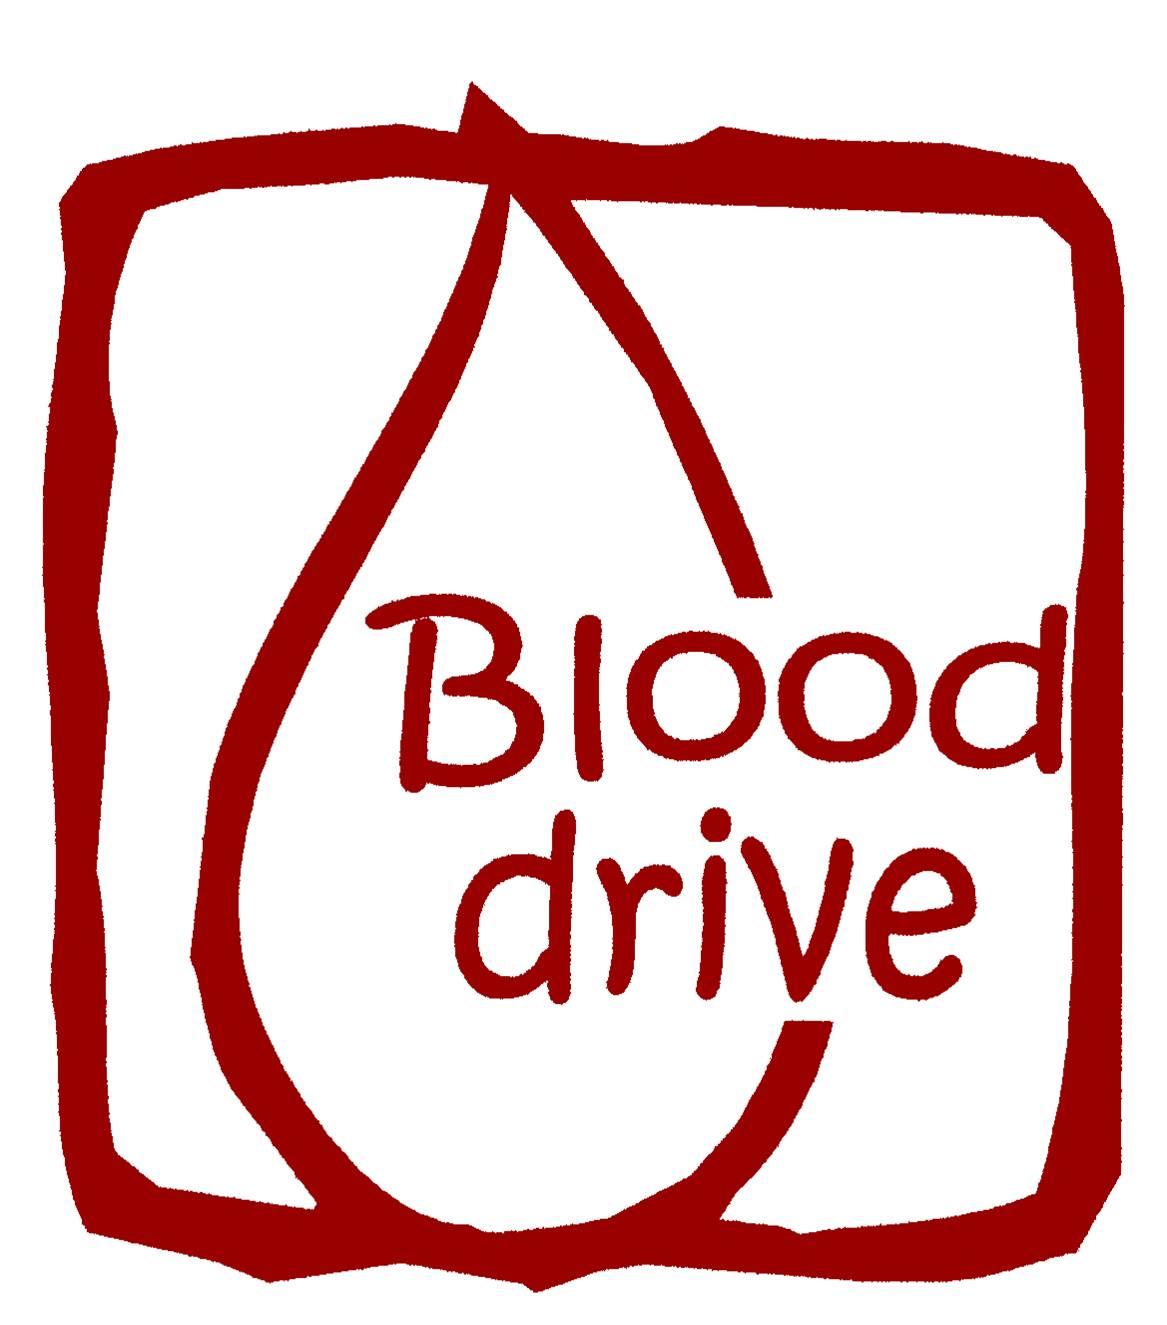 Blood drive images clip art